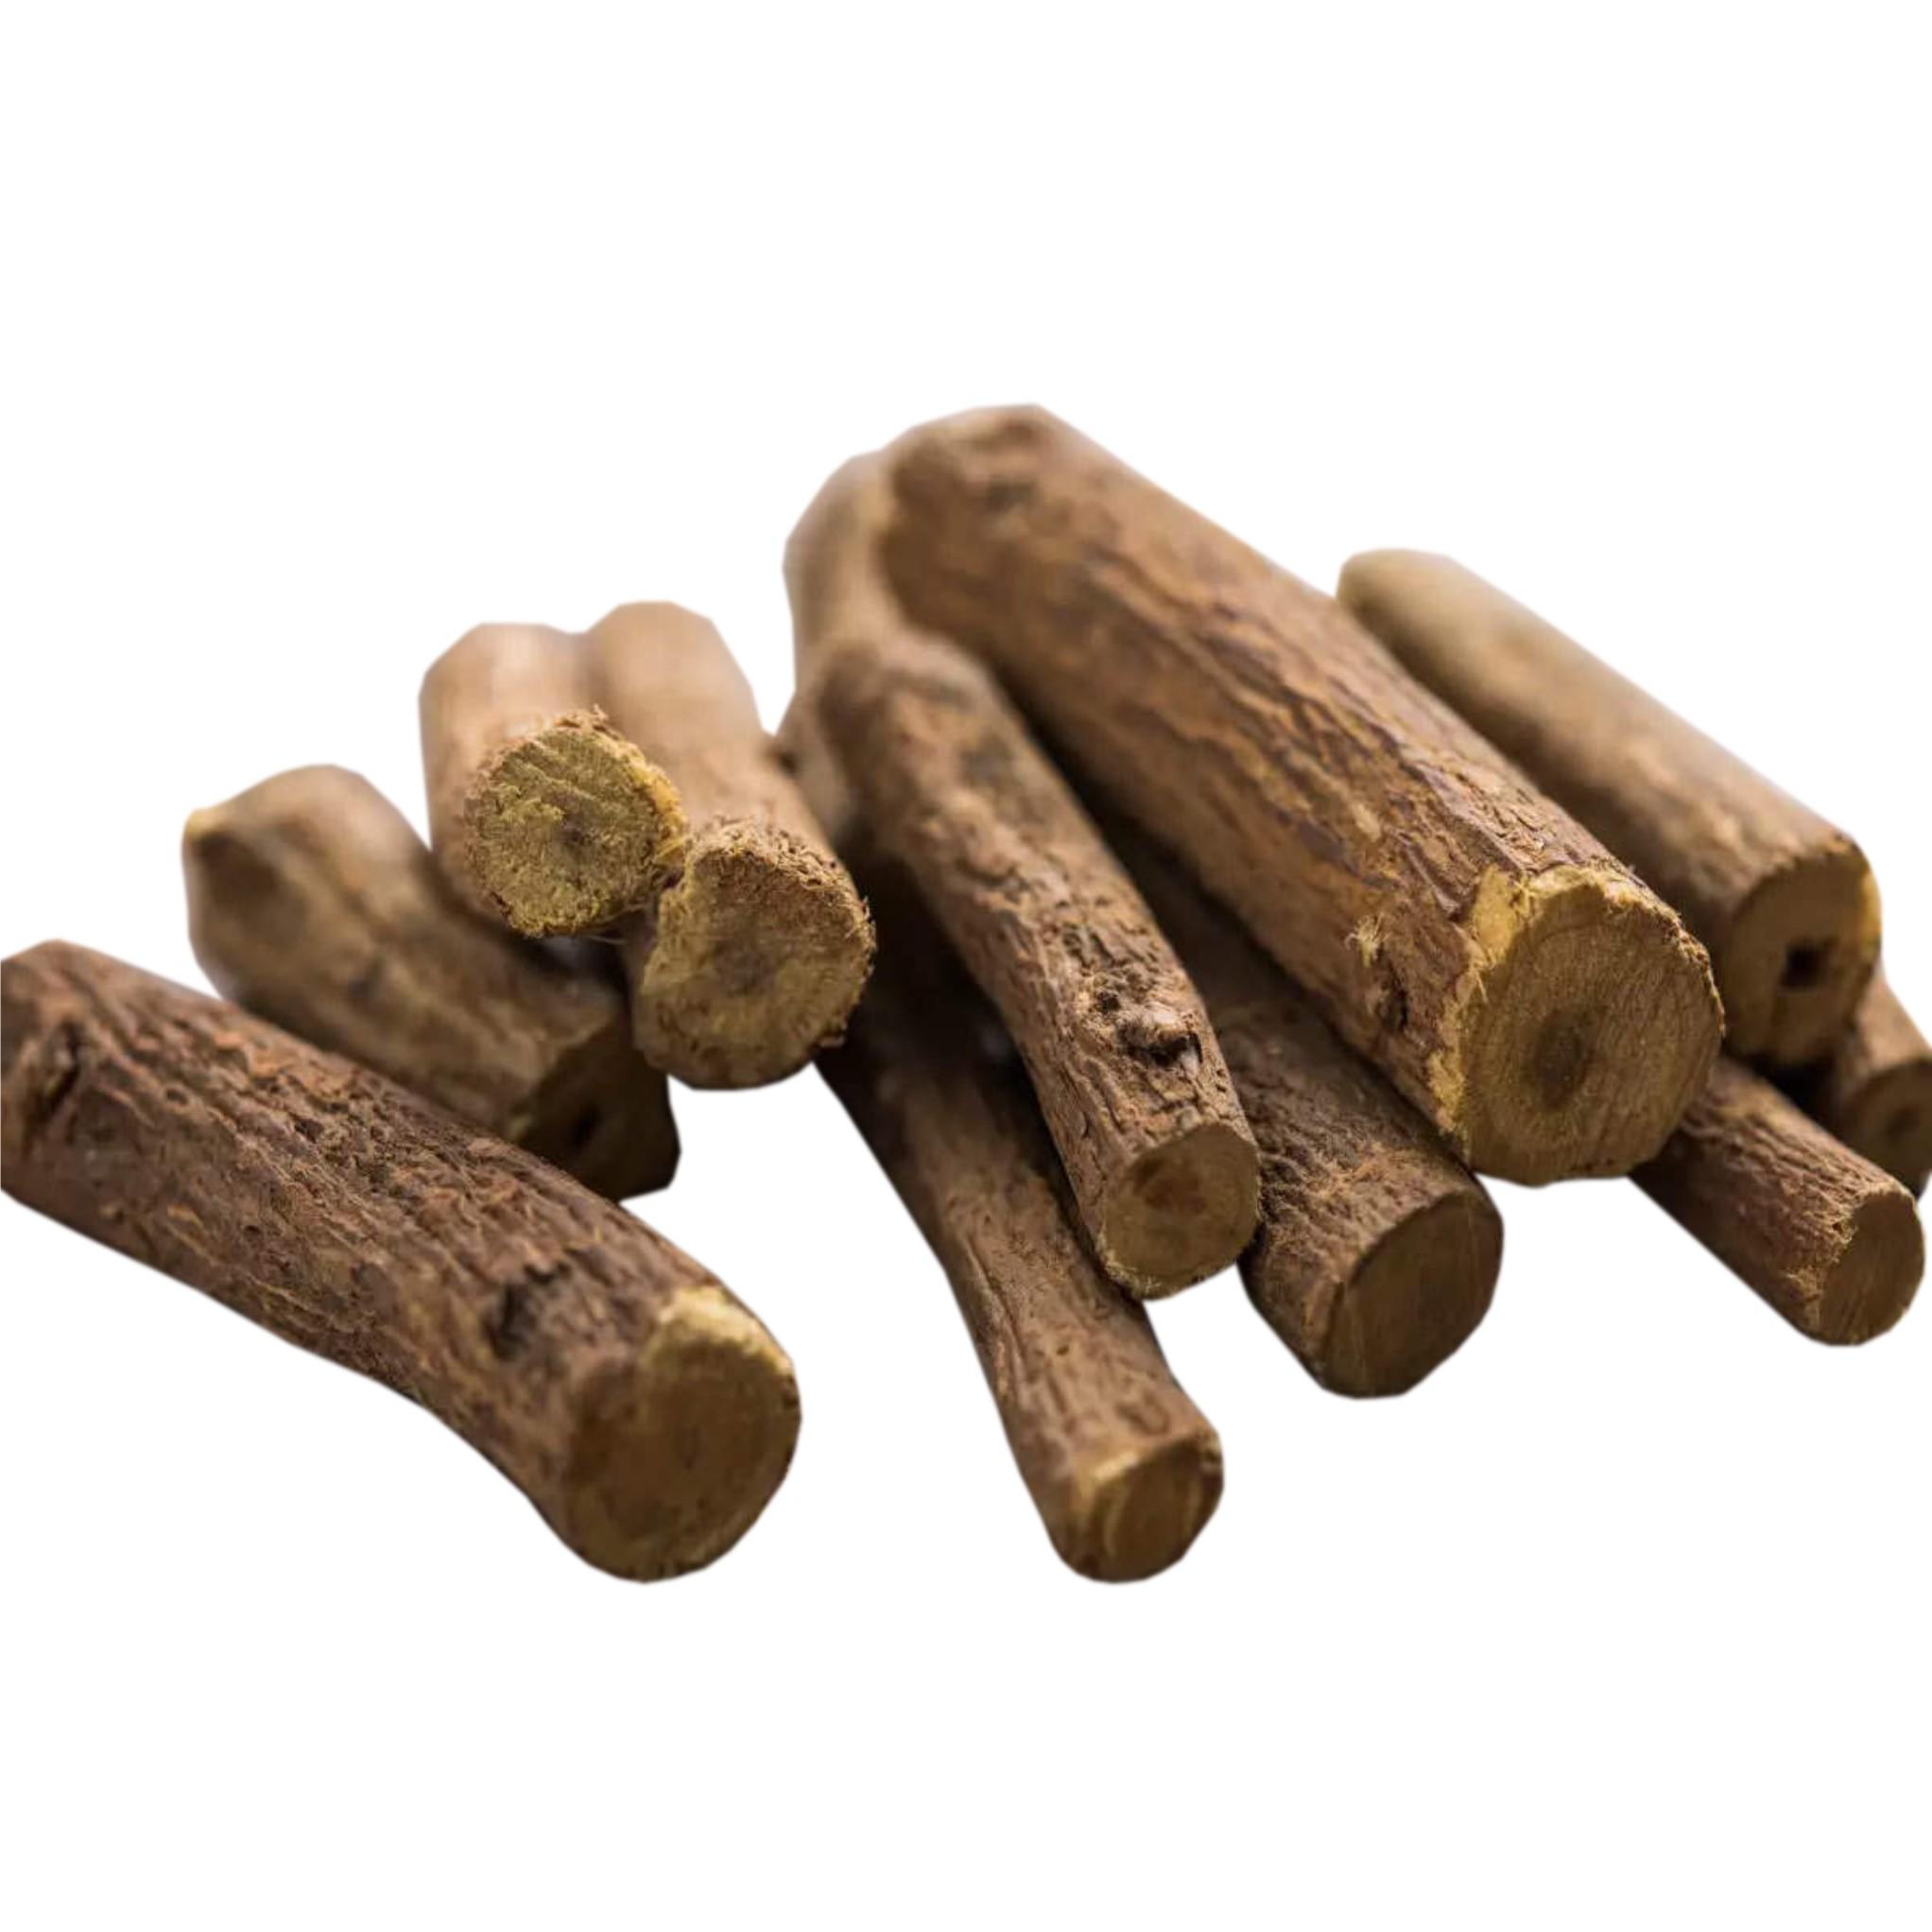 Mulethi (Liquorice) Image